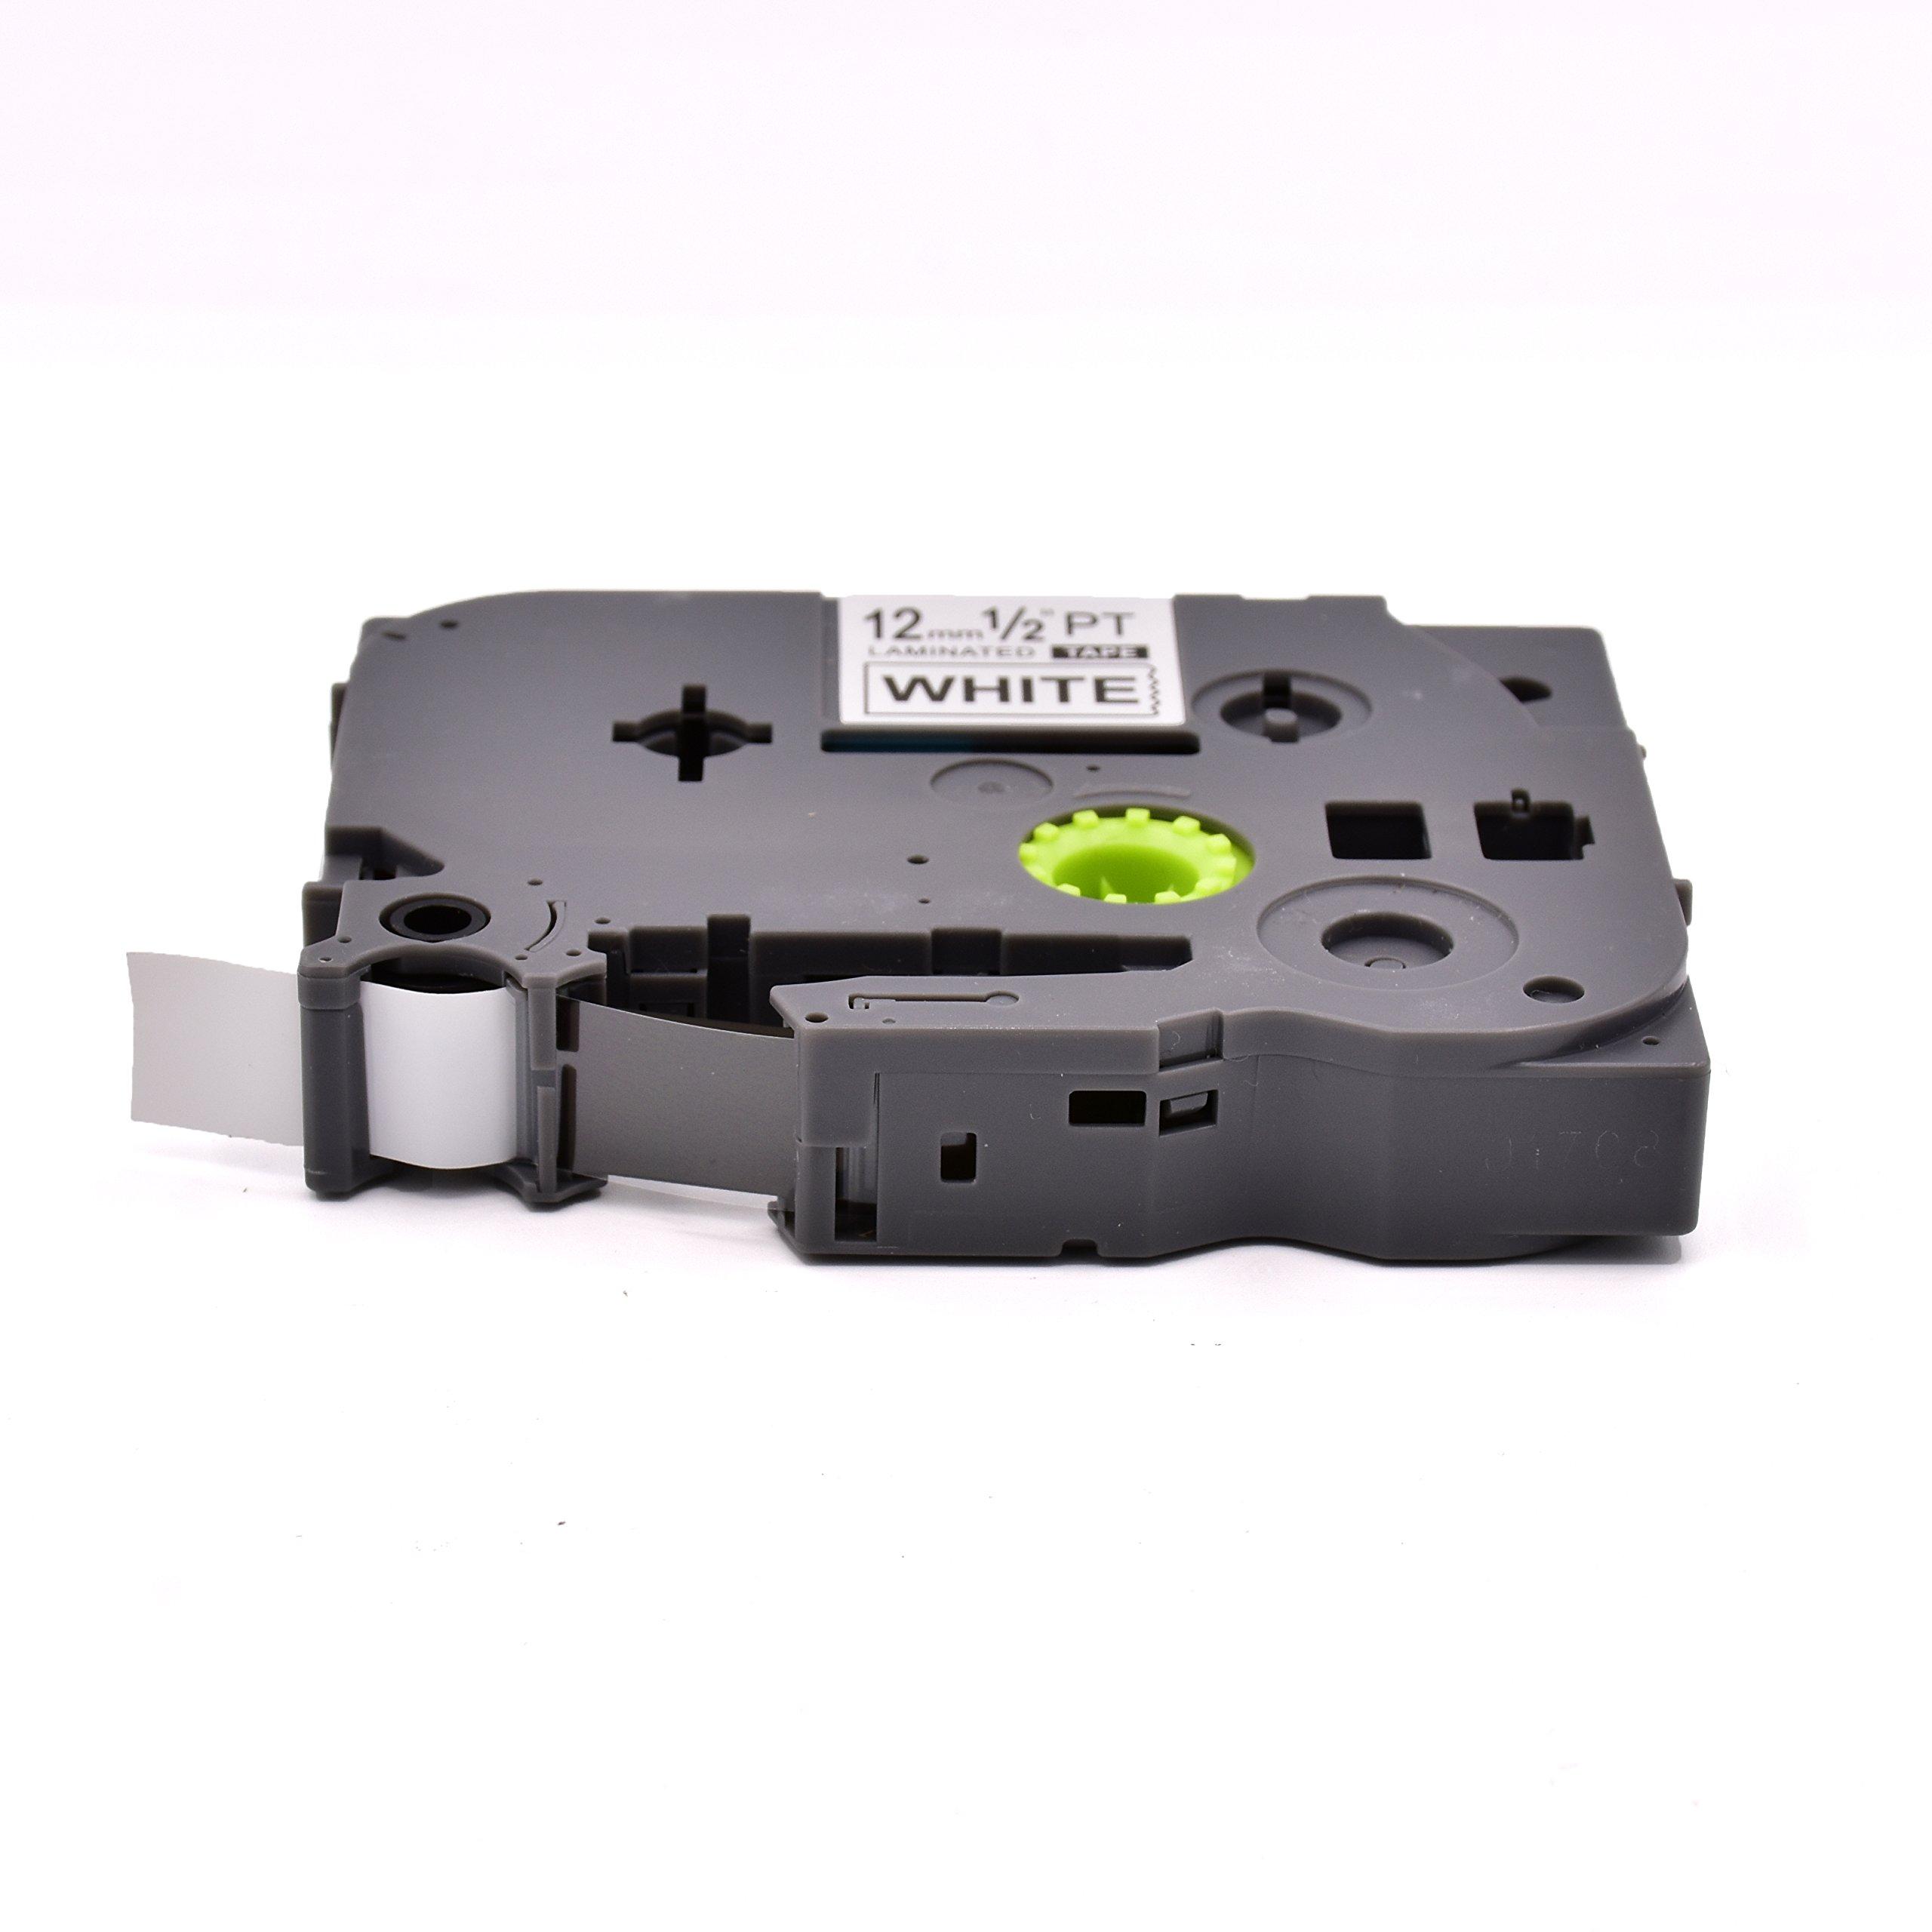 P-Touch TZ TZe Label Tape TZe-231 TZe-931 TZe-431 TZe-531 TZe-631 TZe-731 for Brother P-Touch Label Maker PT-D210 PT-D400 PT-P700 PT-1880, 0.47 inch (12mm) x 26.2 Feet (8m),6-Pack